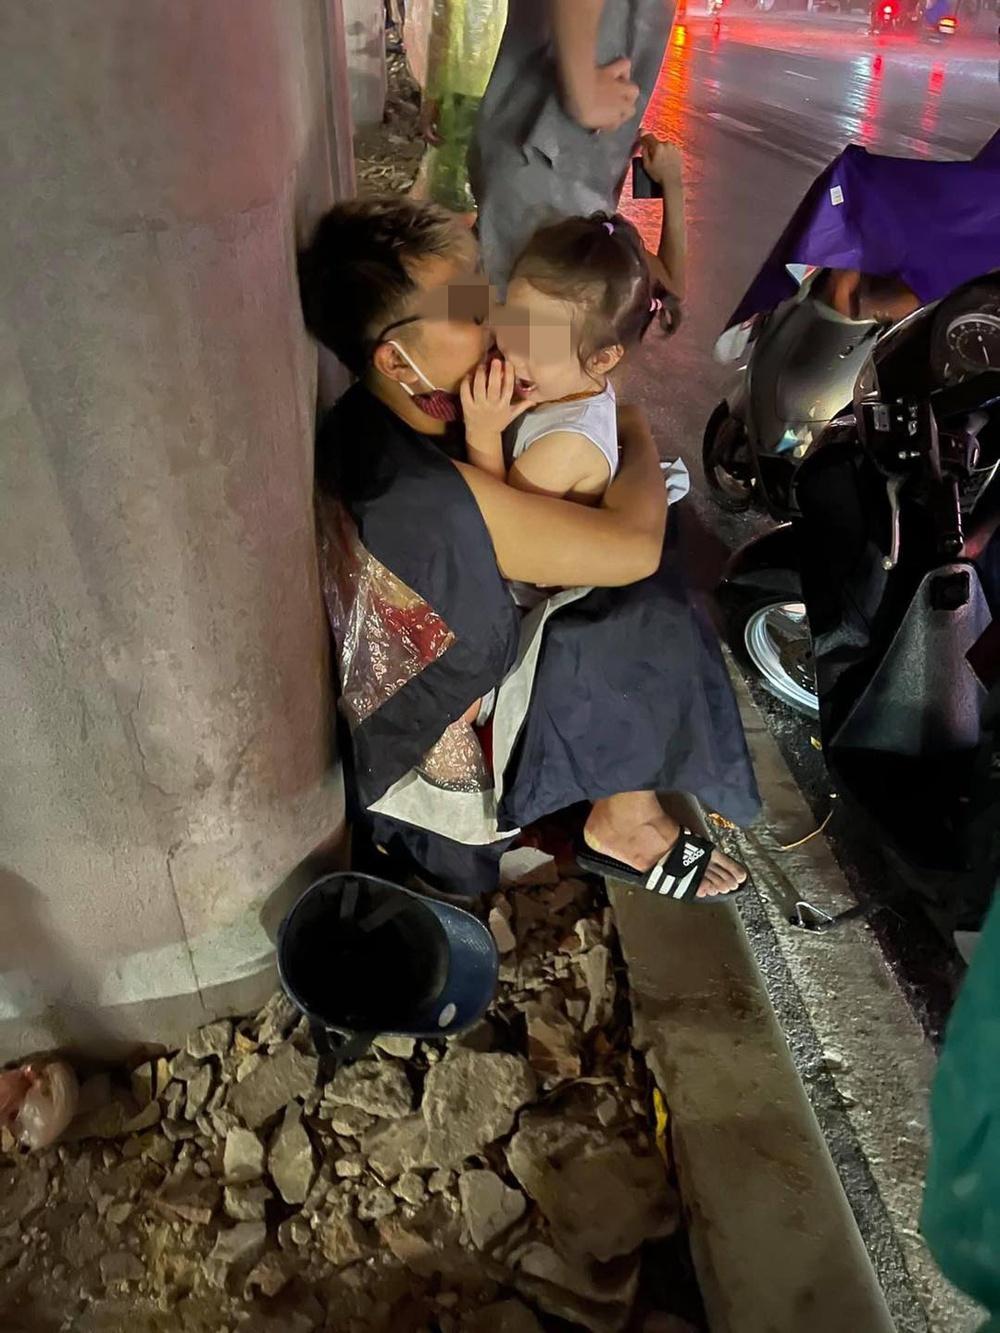 Bé con khóc thét dưới cơn mưa lớn Hà Nội, hành động tình cảm của bố và tung tích người mẹ khiến ai nấy đều bật cười - Ảnh 1.